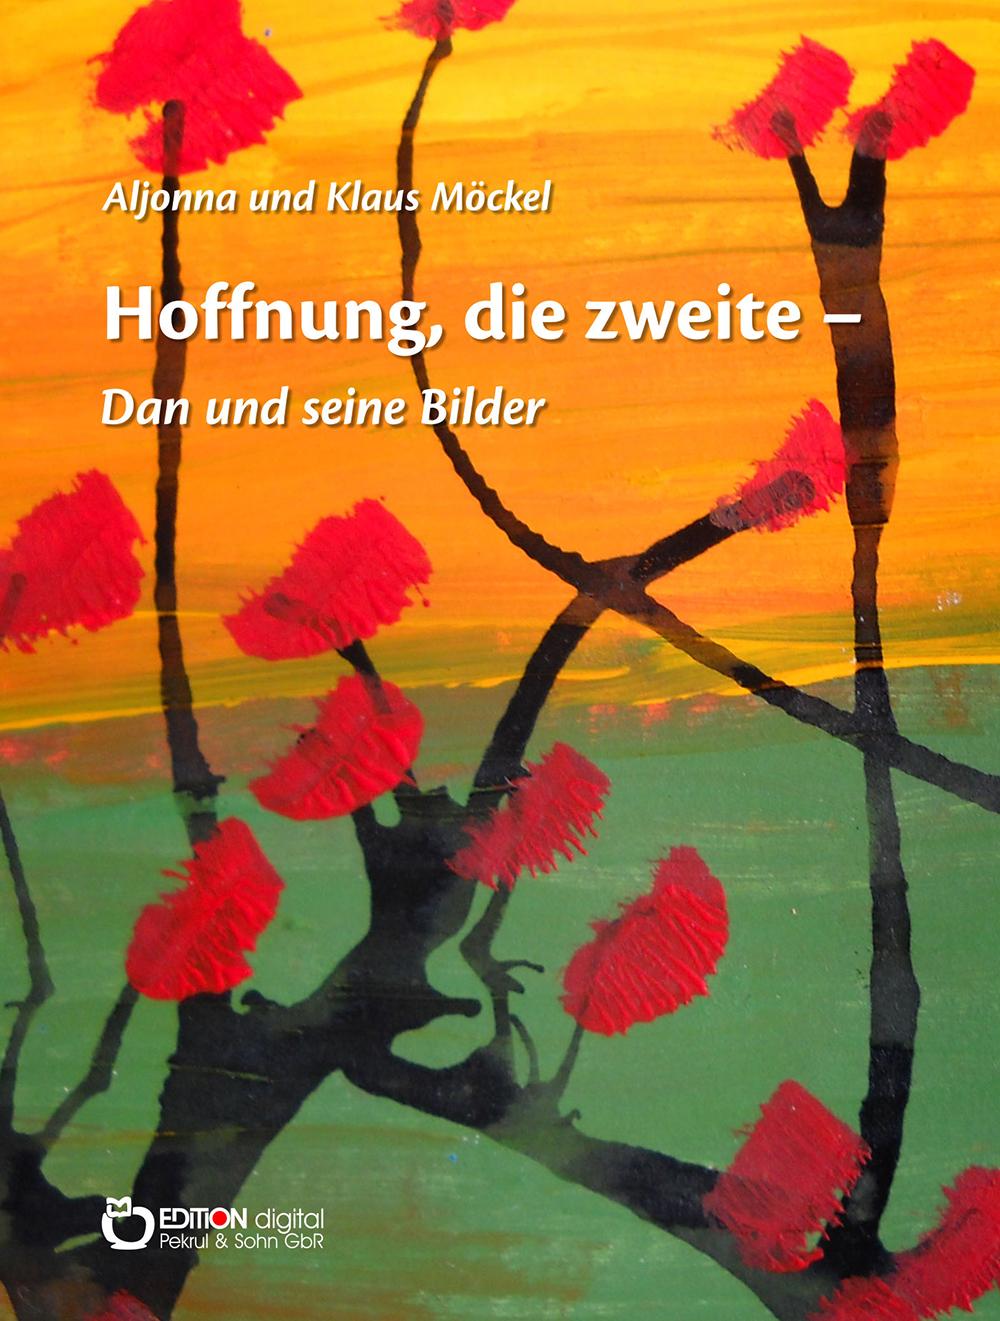 Hoffnung, die zweite - Dan und seine Bilder - Aljonna und Klaus Möckel bei 21. Schweriner Literaturtagen